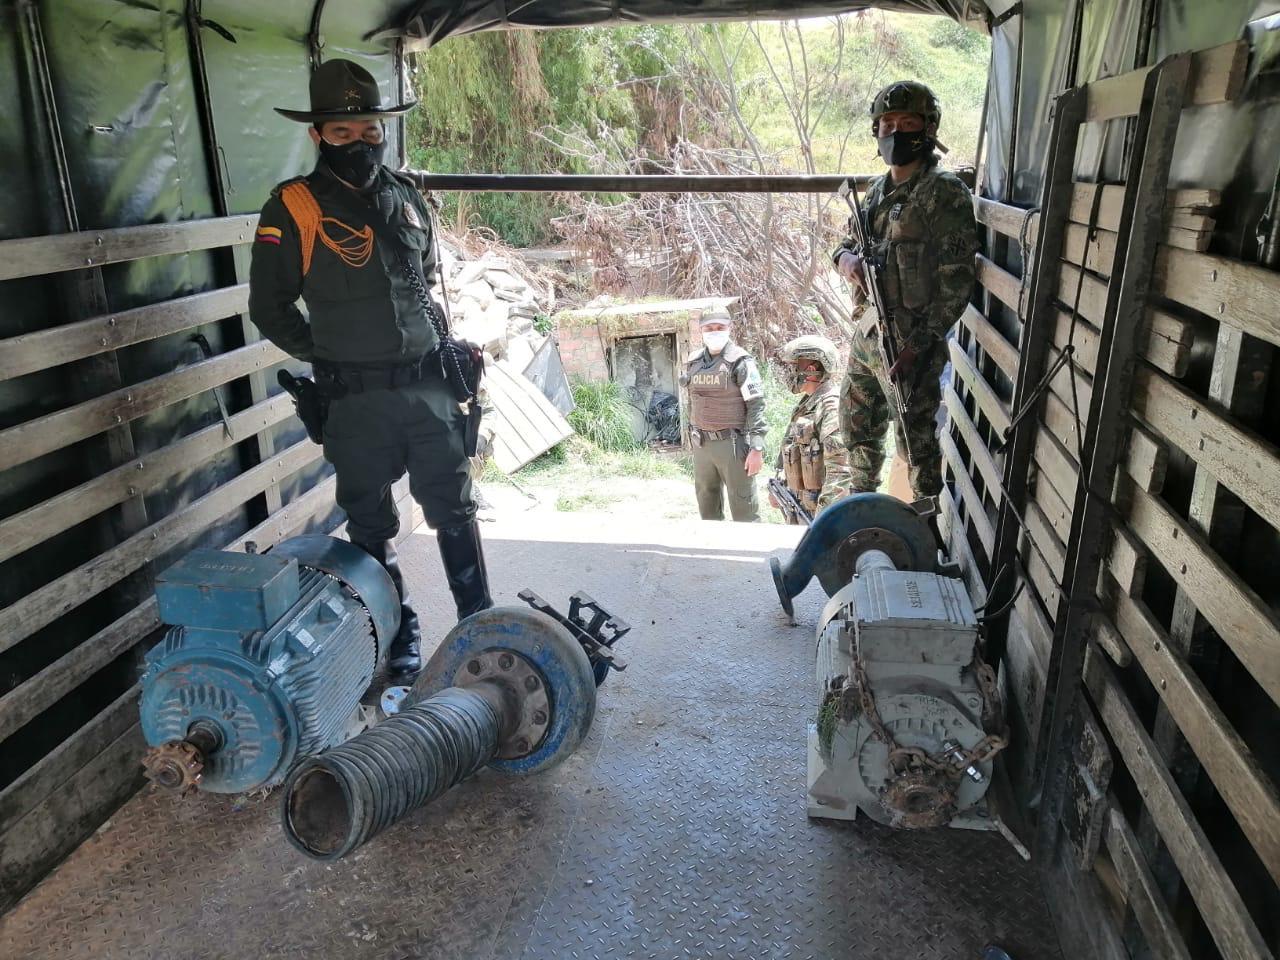 Policía de Bogotá captura a una persona por mineria ilegal - FOTO: Prensa Mebog